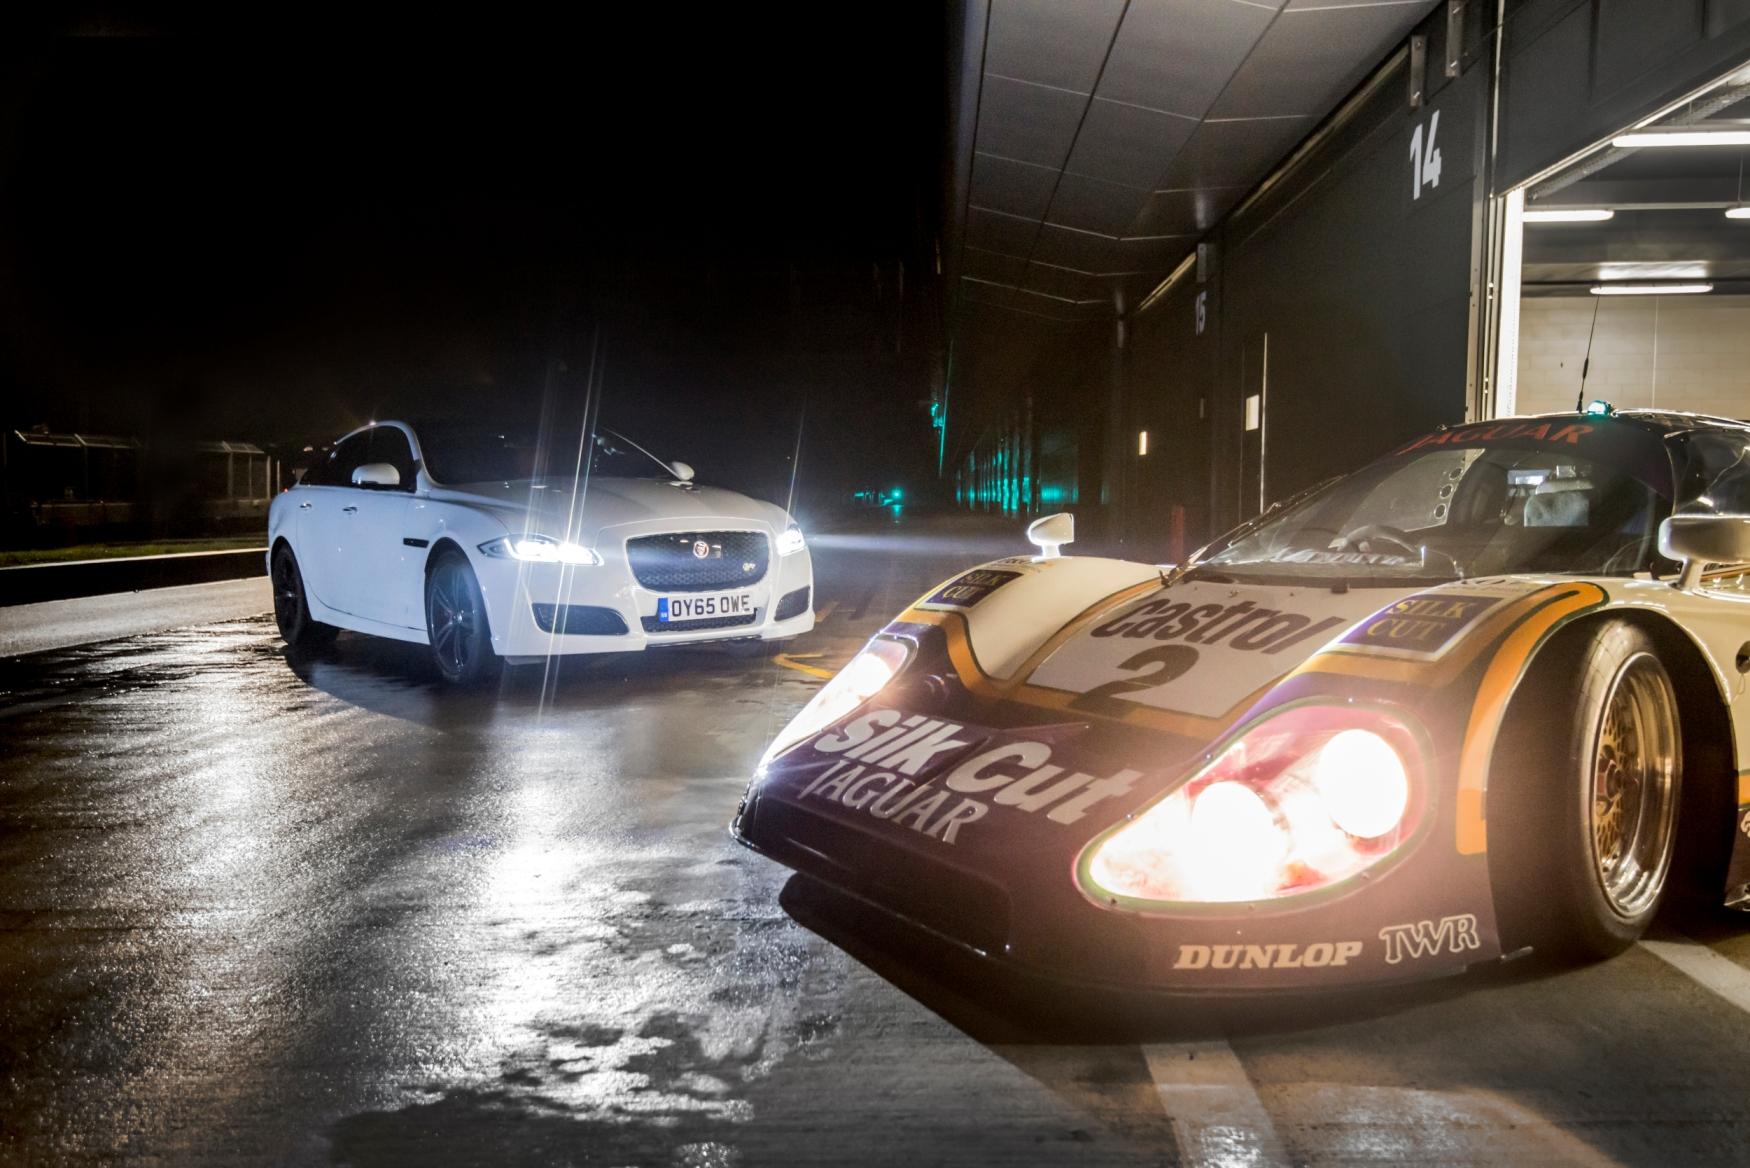 Jag_XJ_Silverstone_01